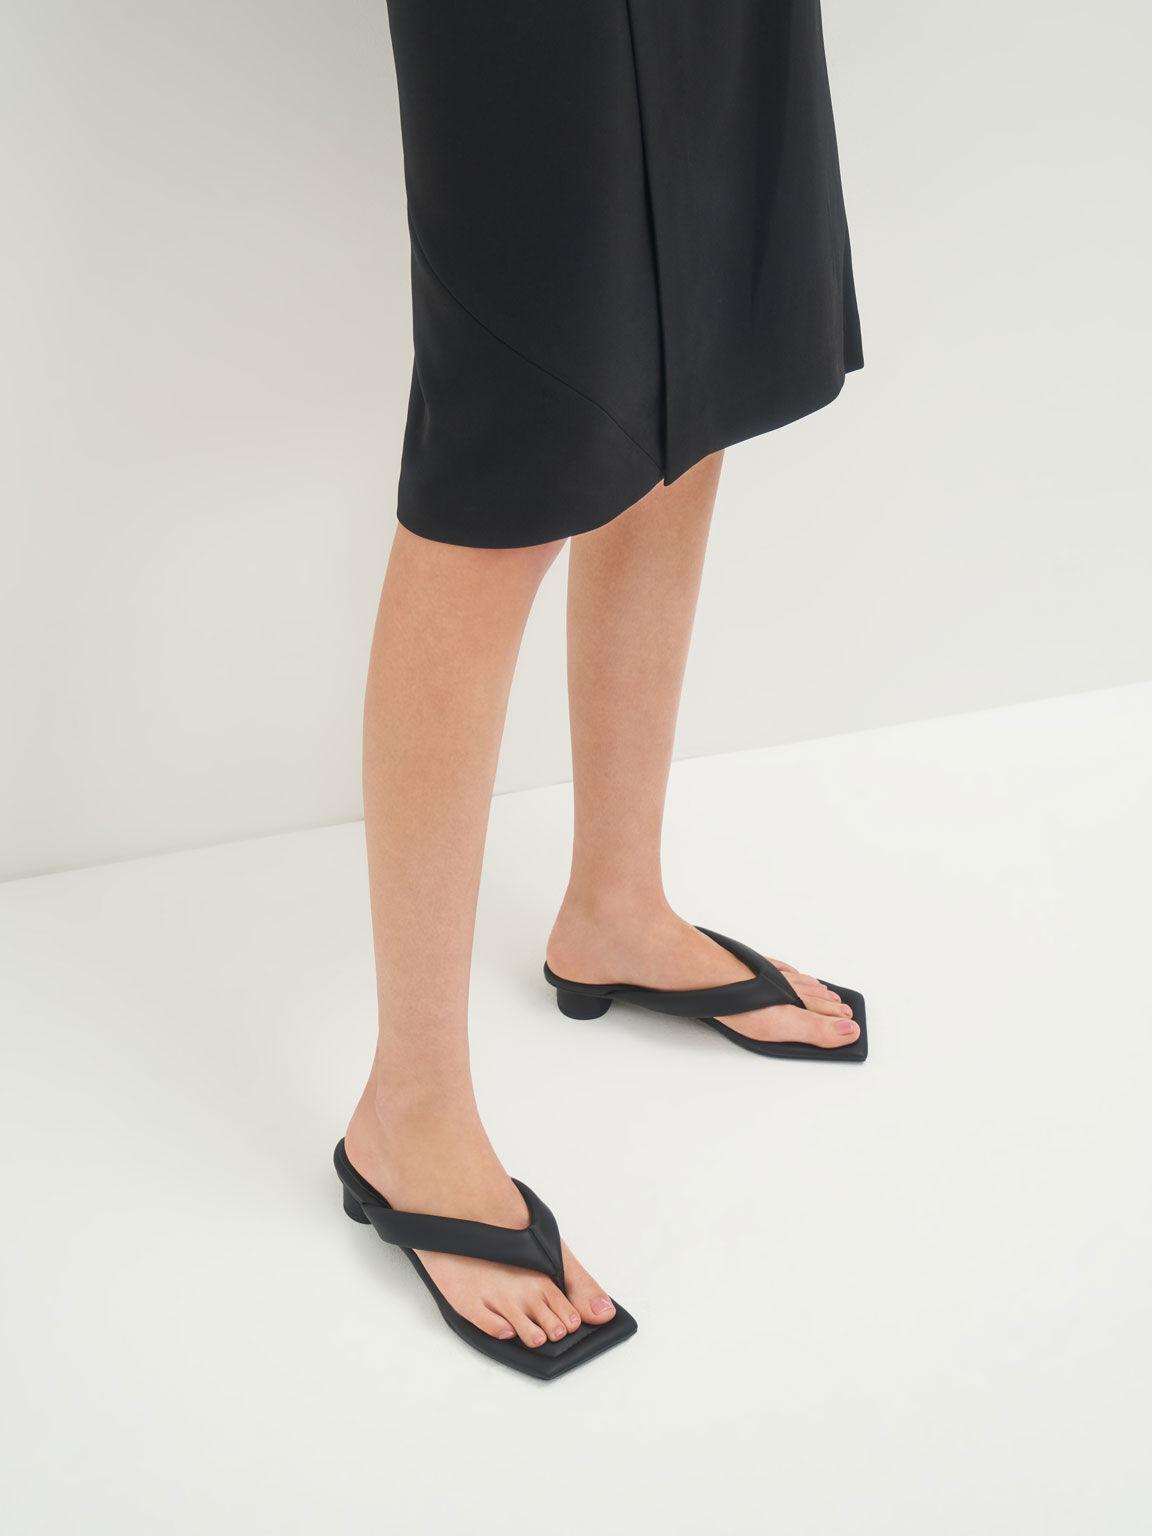 方頭澎澎夾腳拖鞋, 黑色, hi-res